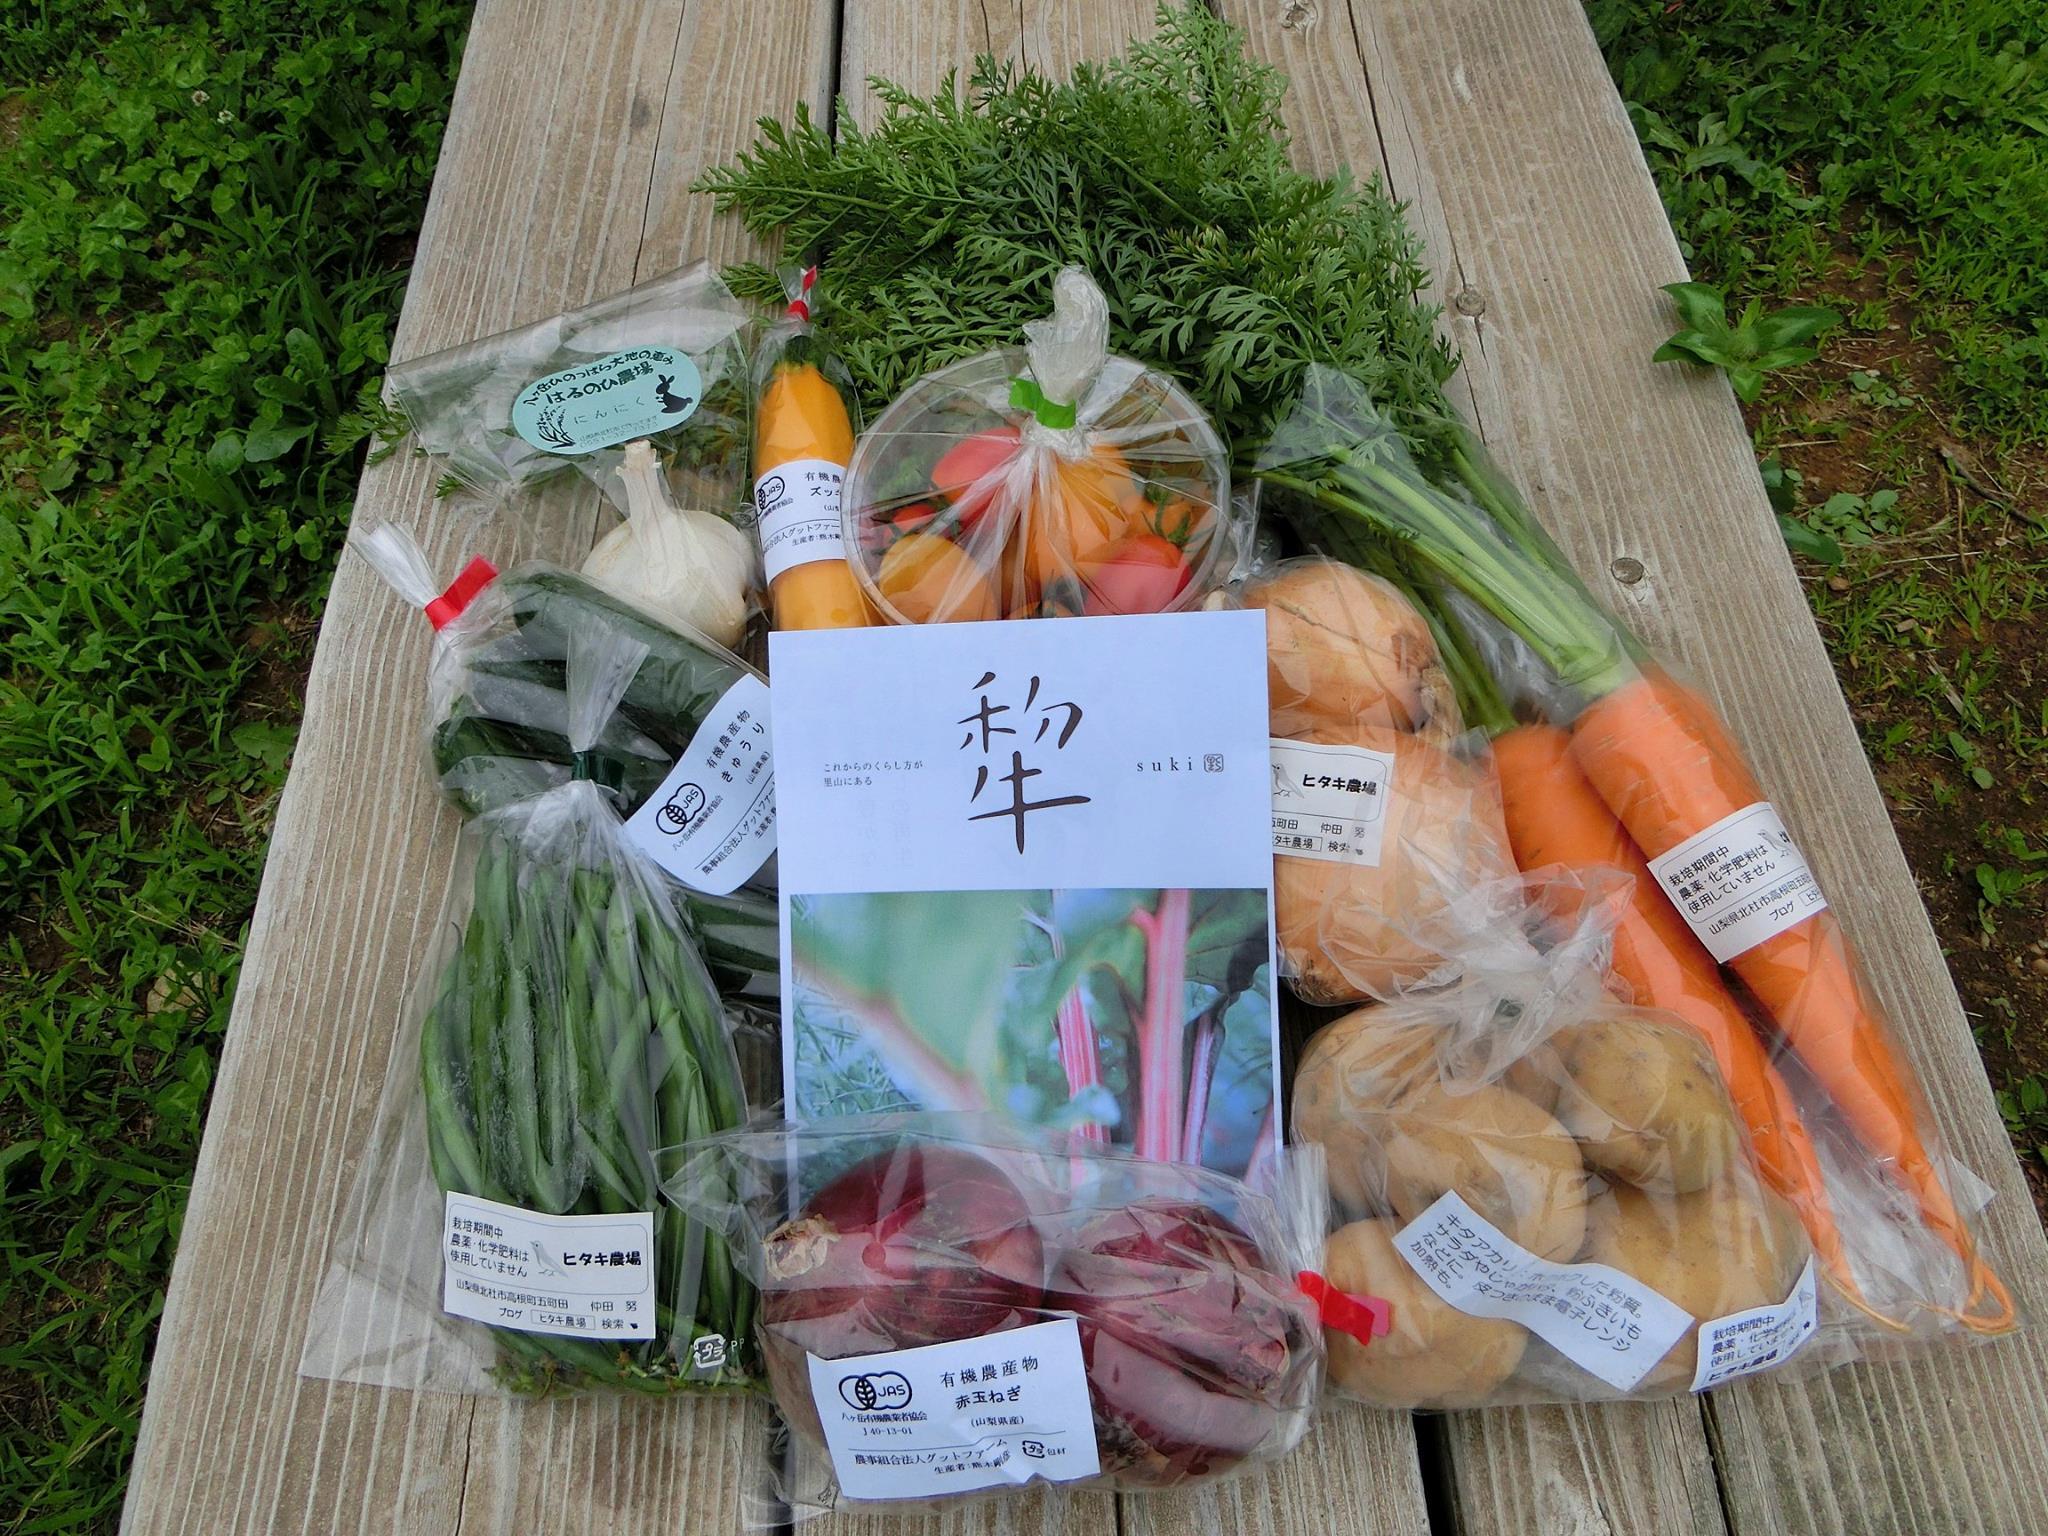 ふるさと応援団 野菜ボックスの発送をおこないました